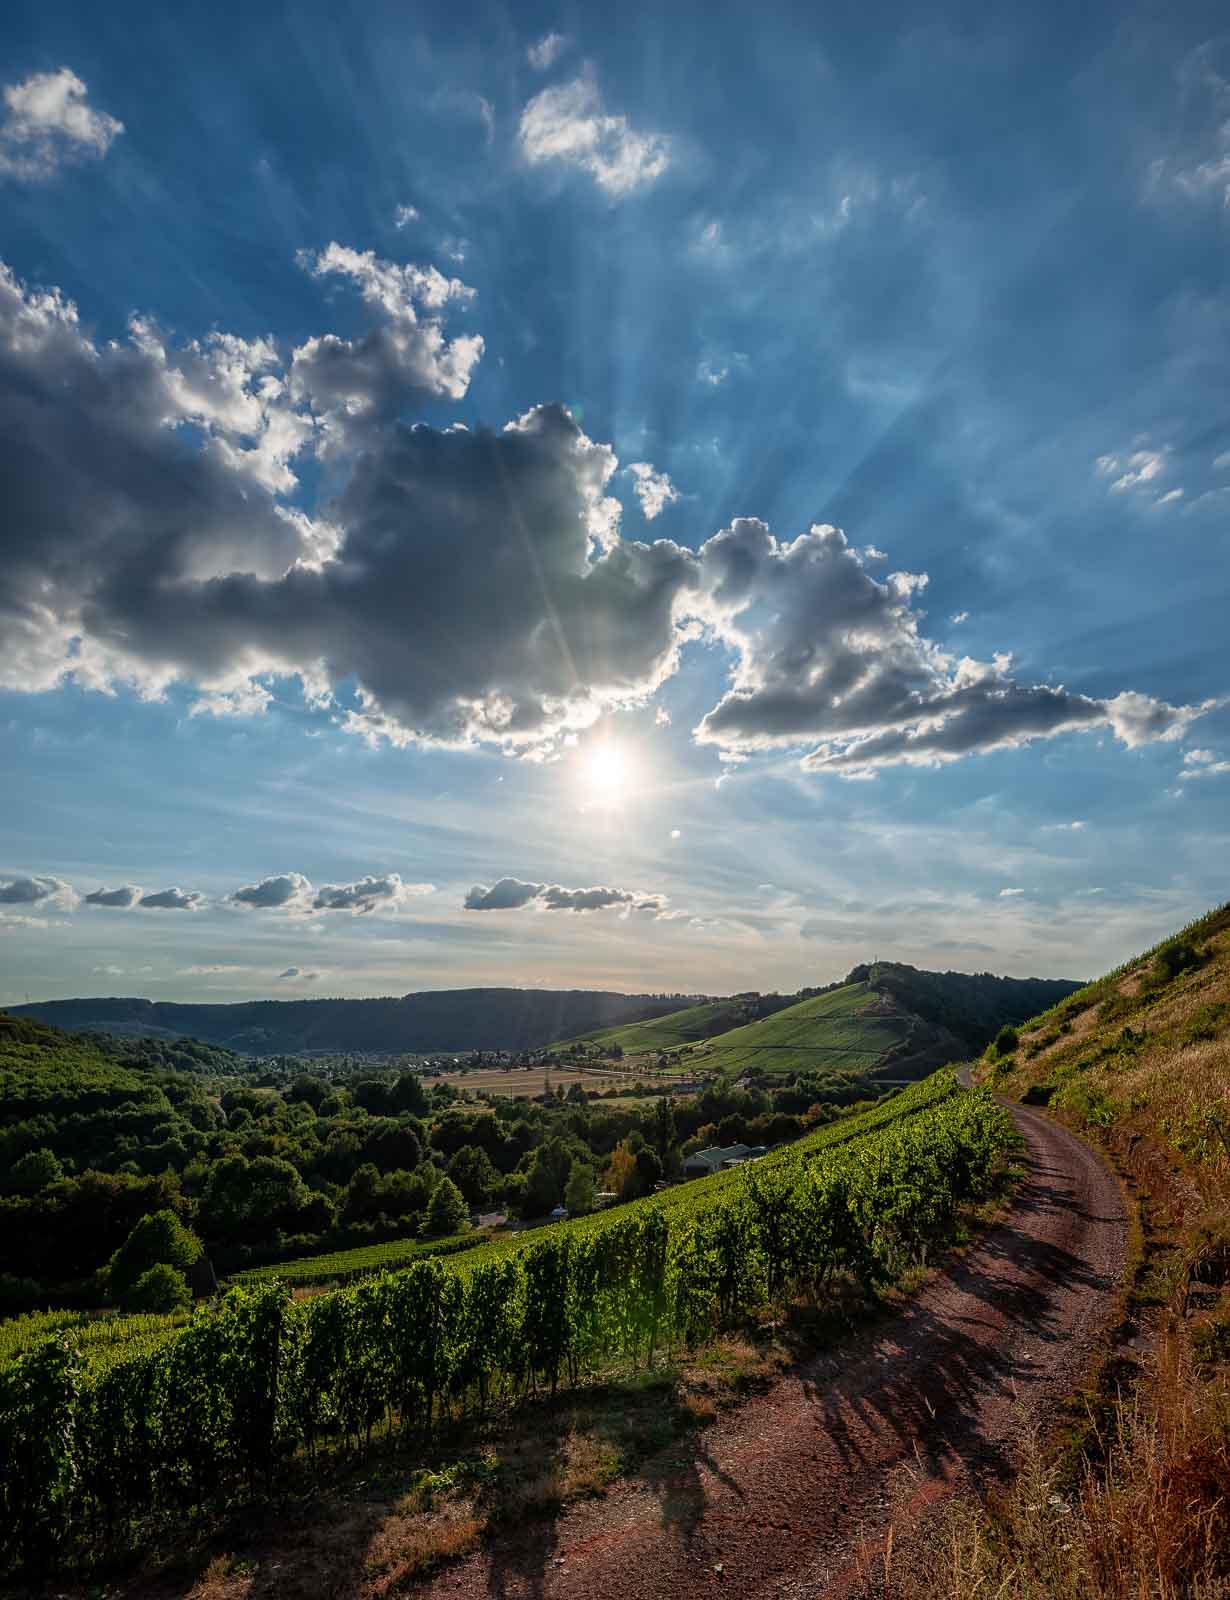 Ausblick vom Weinberg Kanzemer Sonnenberg auf den Weinberg Wawerner Jesuitenberg und den Ort Wawern. Dort befinden sich die Parzellen des Weingutes Dr. Frey. Vorne befindet sich ein roter Steinweg. Am Himmel scheint die Sonne und sind Wolken vorhanden.